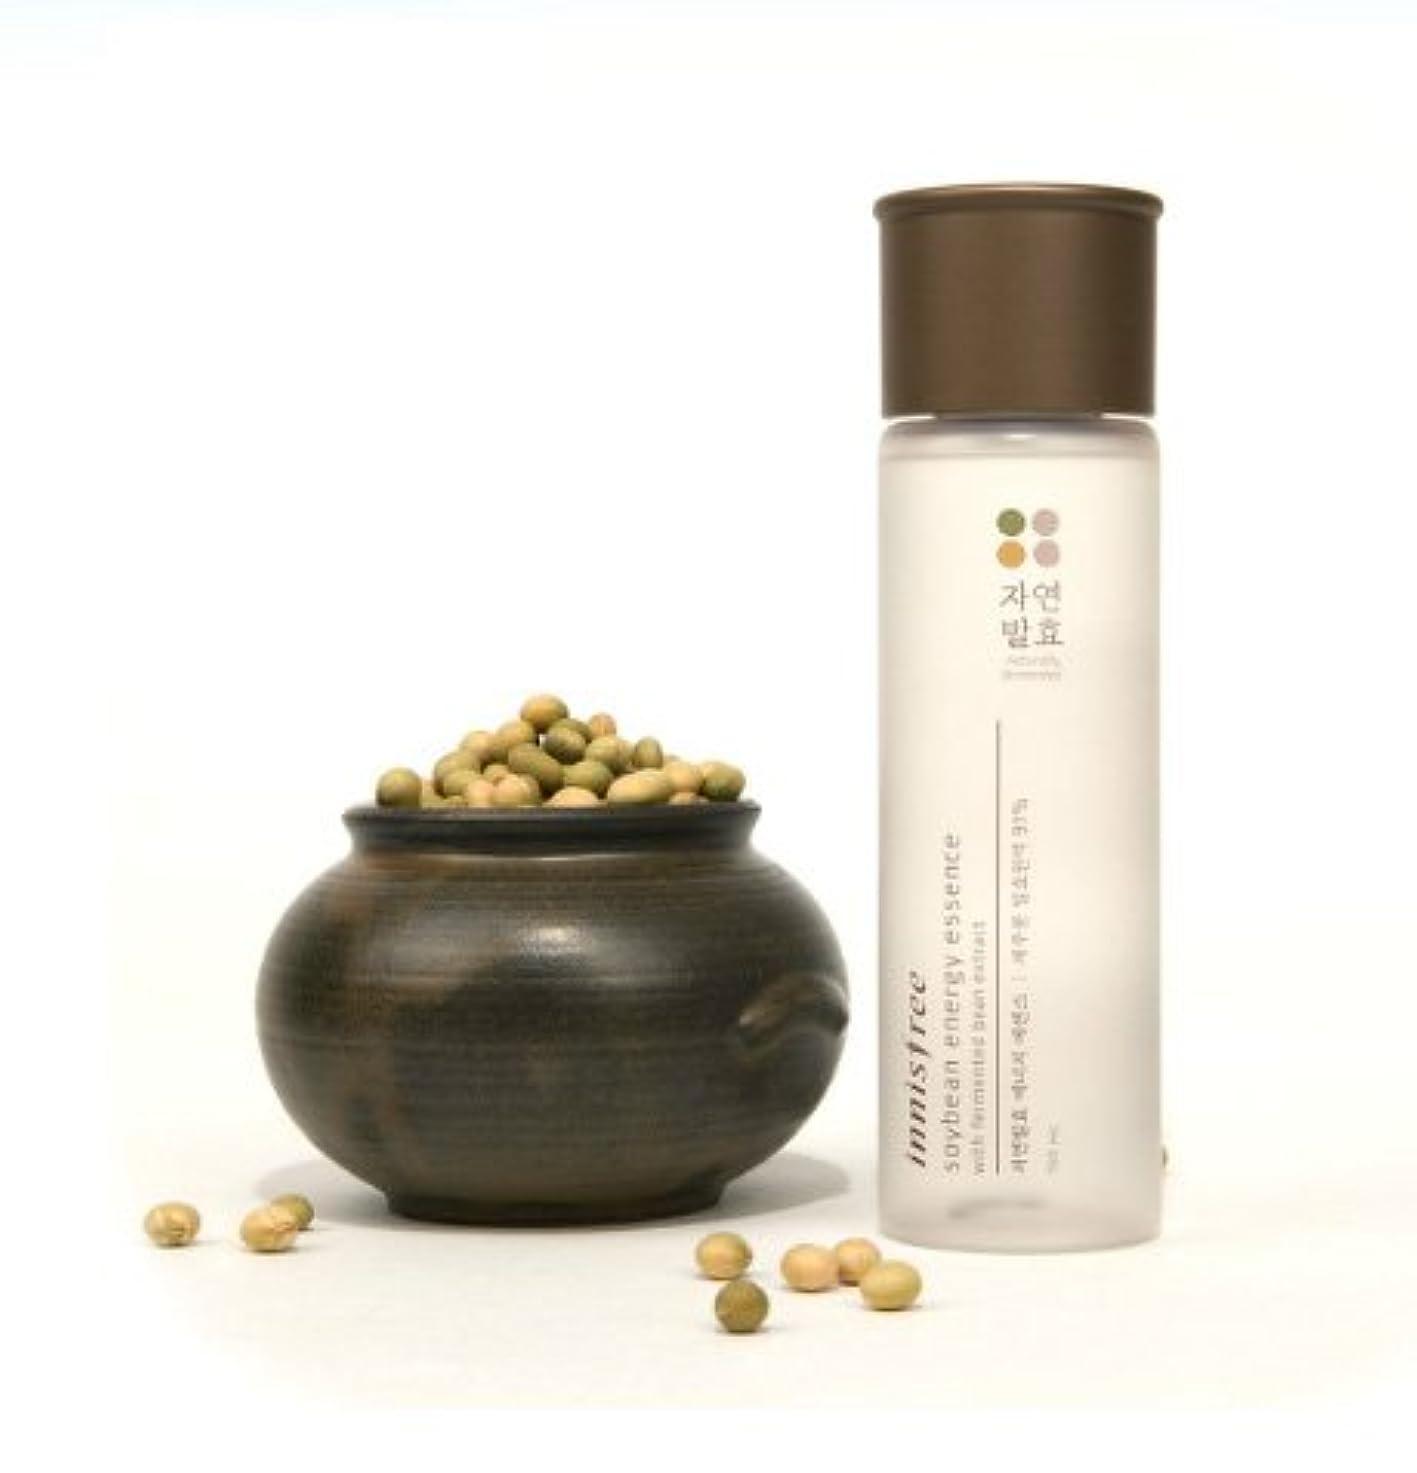 時系列ぶどう理容室(Innisfree イニスフリー) Soybean energy essence 自然発酵 エナジー エッセンス 美容液 肌のバリア機能を強化し、健やかでパワーあふれる肌へ導くトータルケアブースター美容液